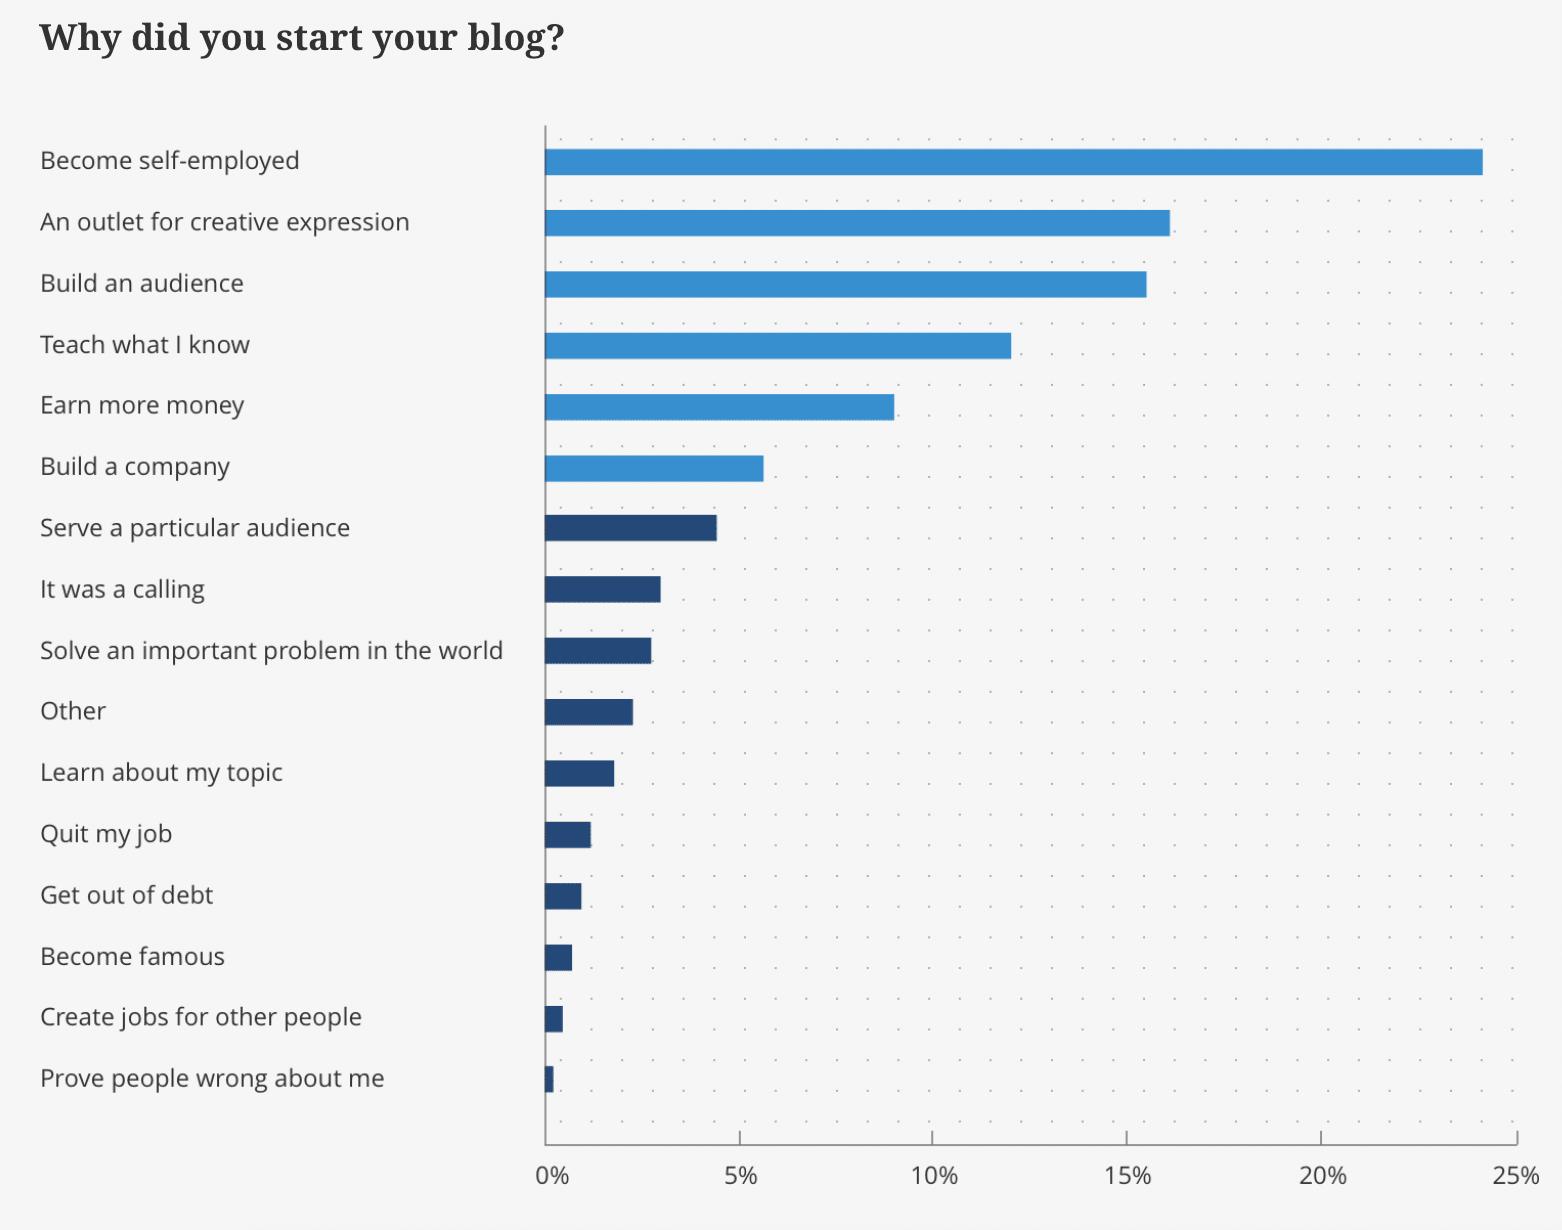 Por que você começou seu blog?